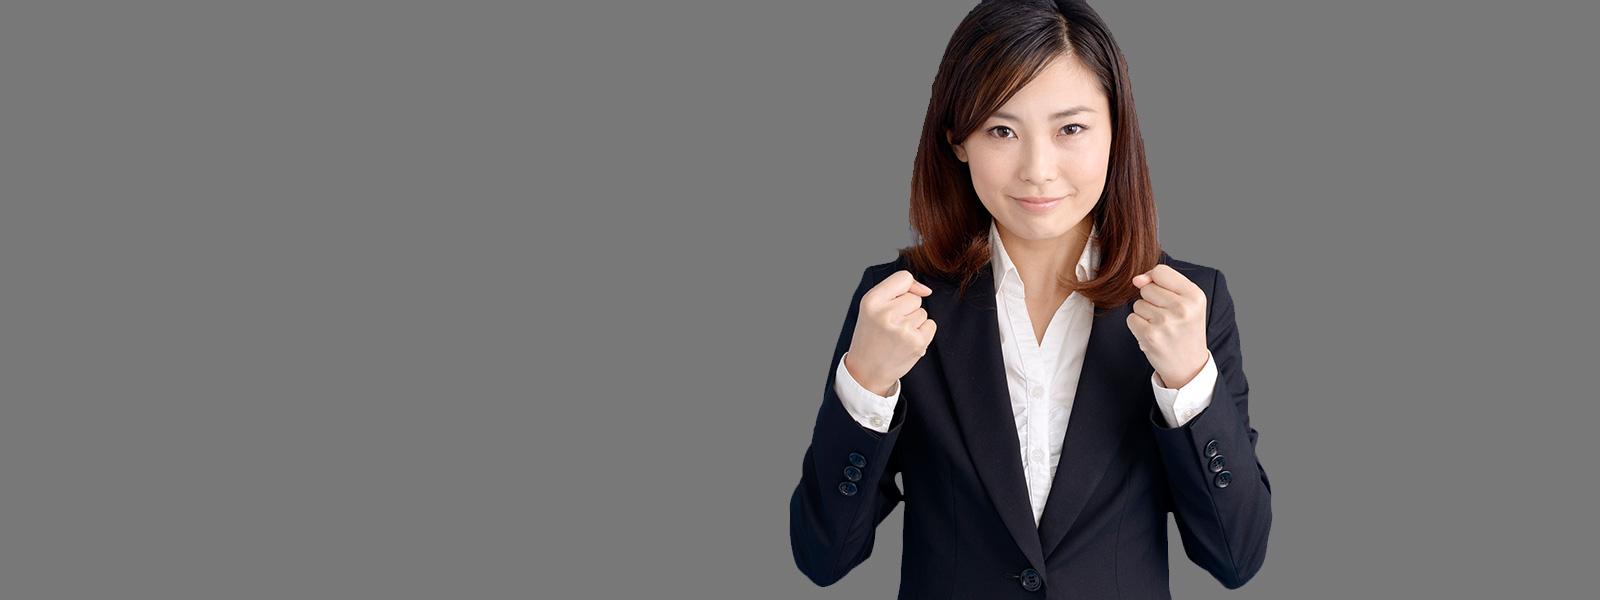 フクモトロジスティックシステムはホームページを制作する軽井沢の会社です